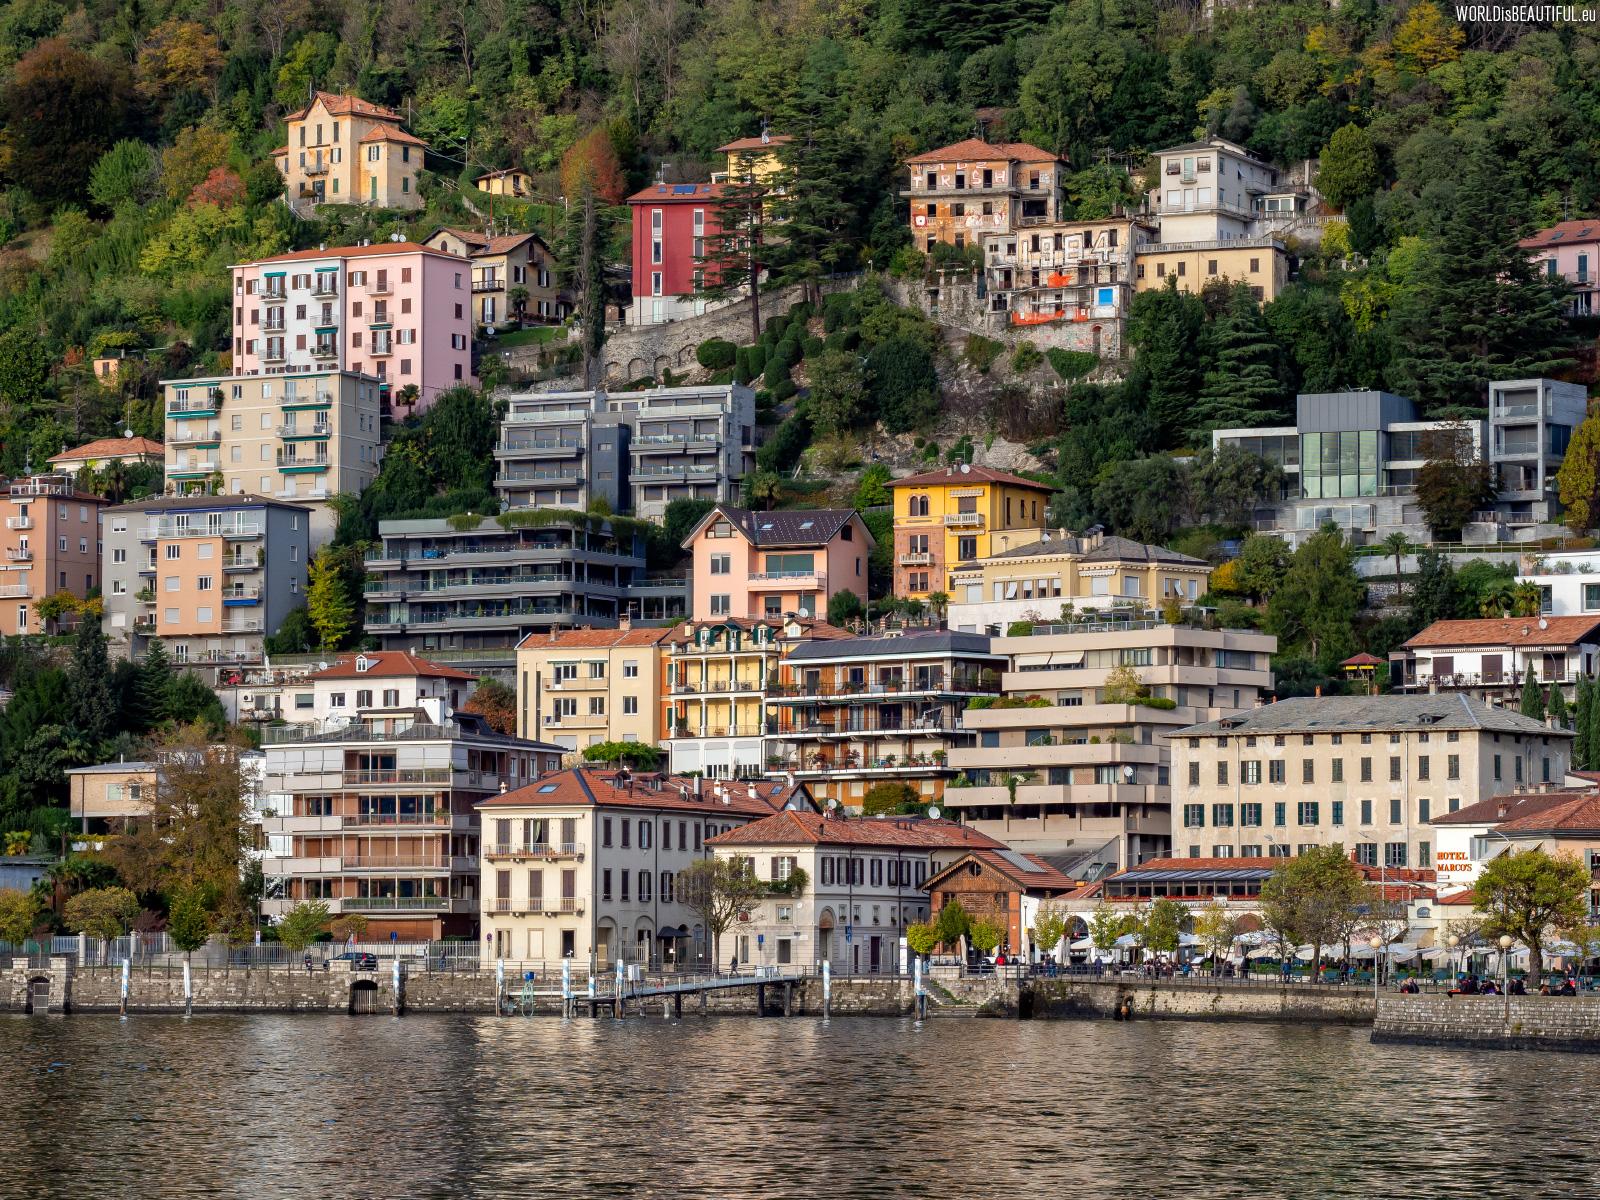 Hotele i apartamenty w Como